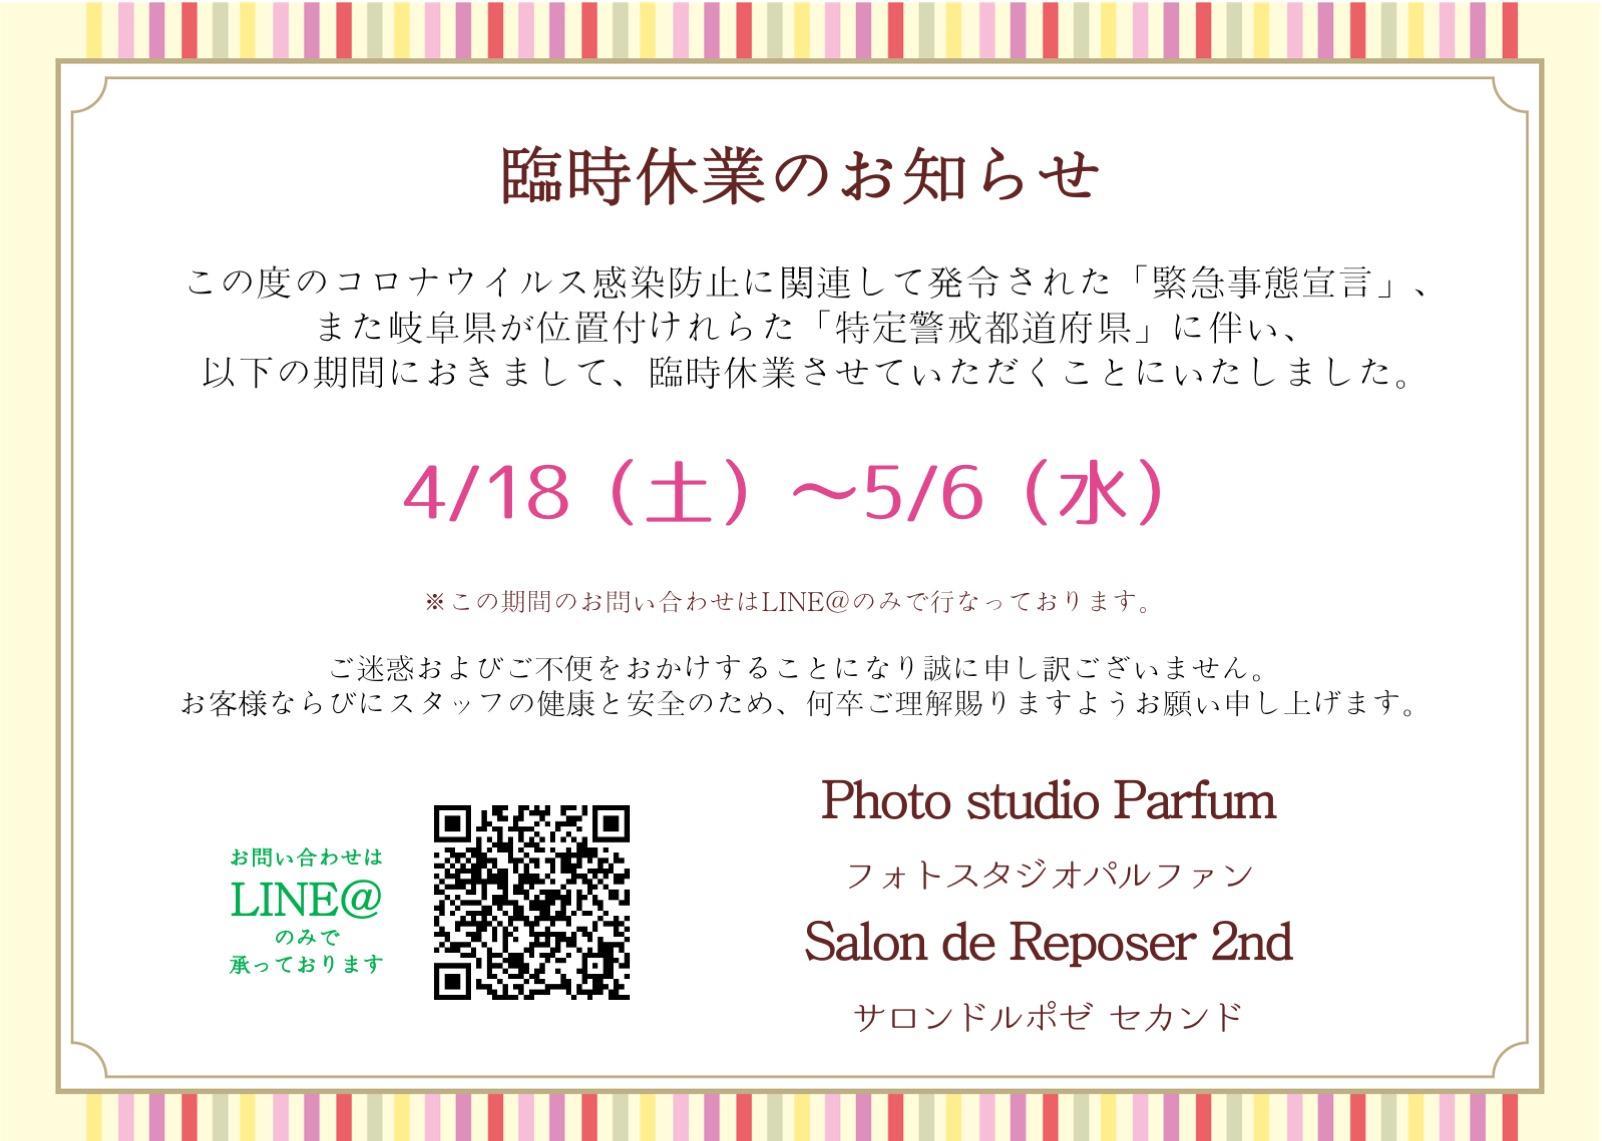 臨時休業のお知らせ【4/18(土)〜5/6(水)】